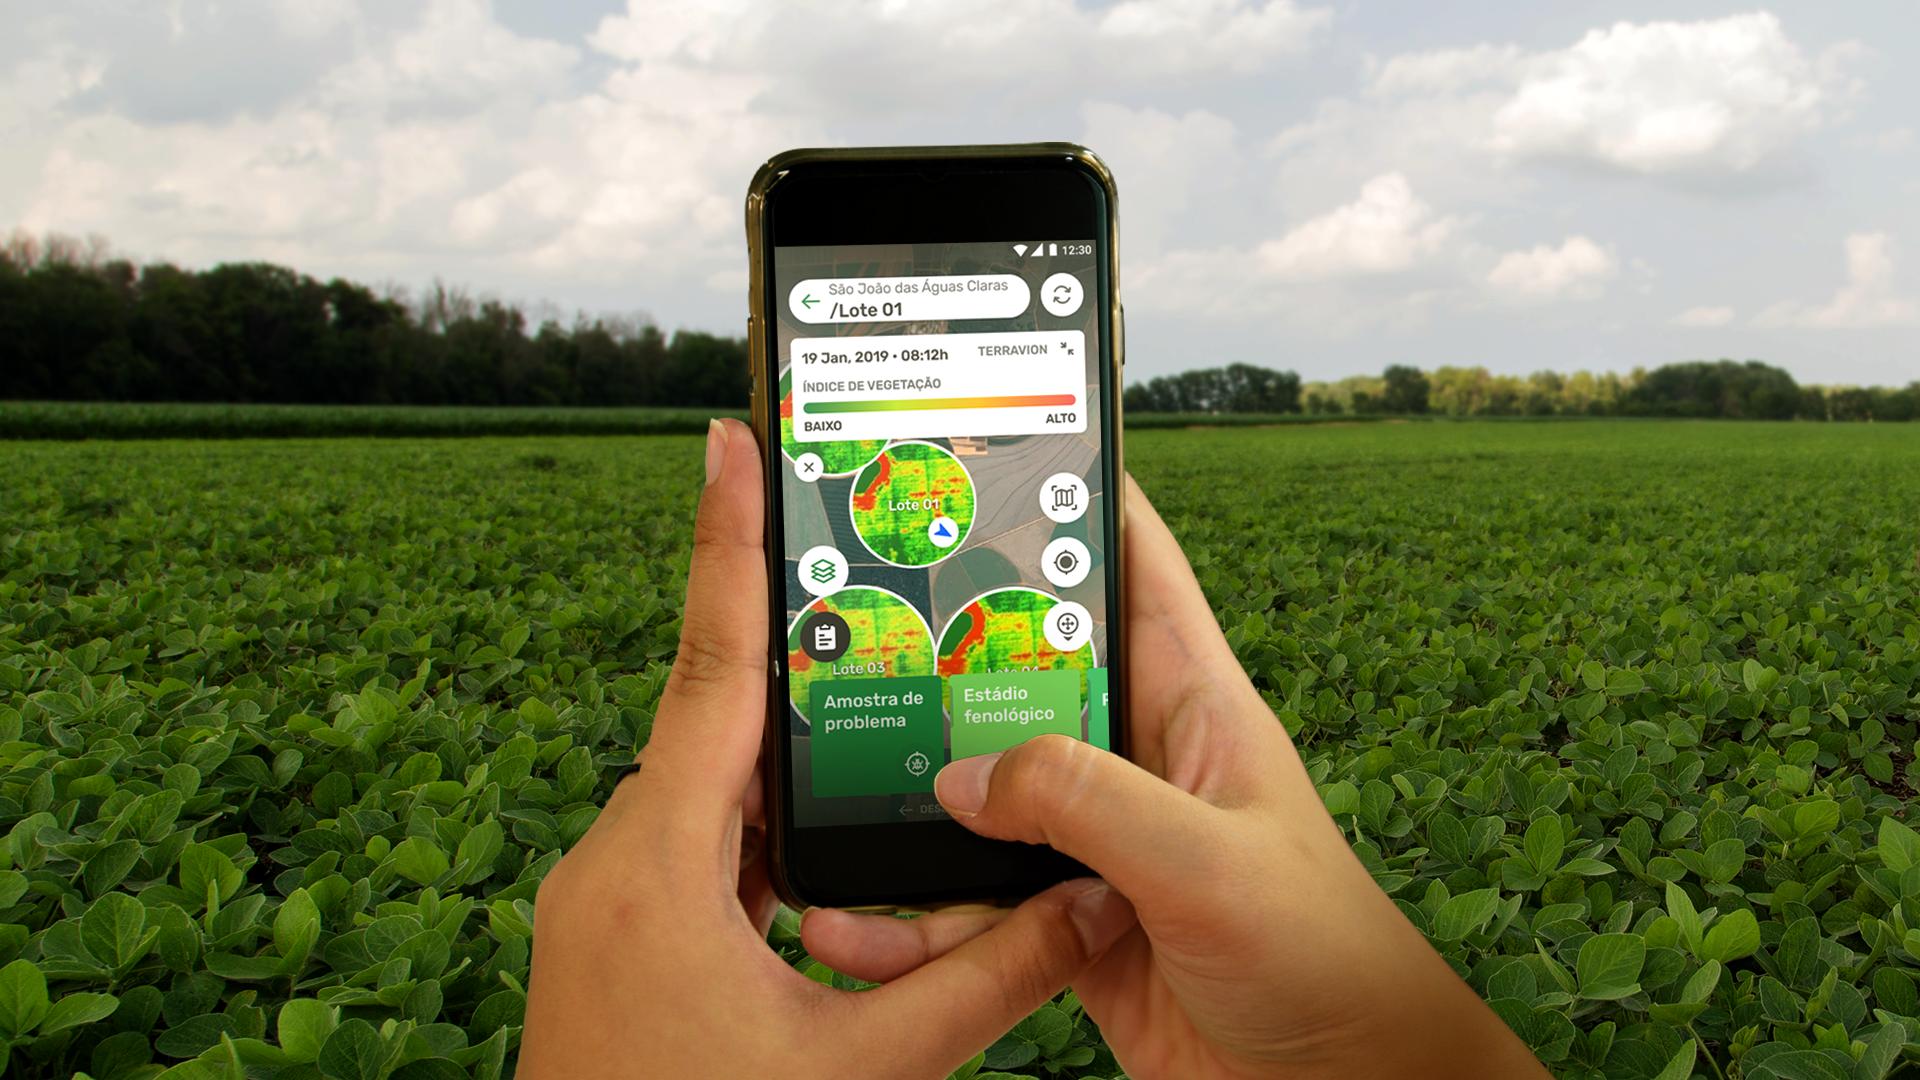 Cropwise amplia o acesso por parte de pequenos e médios produtores às mais inteligentes e modernas ferramentas de gestão e monitoramento do plantio